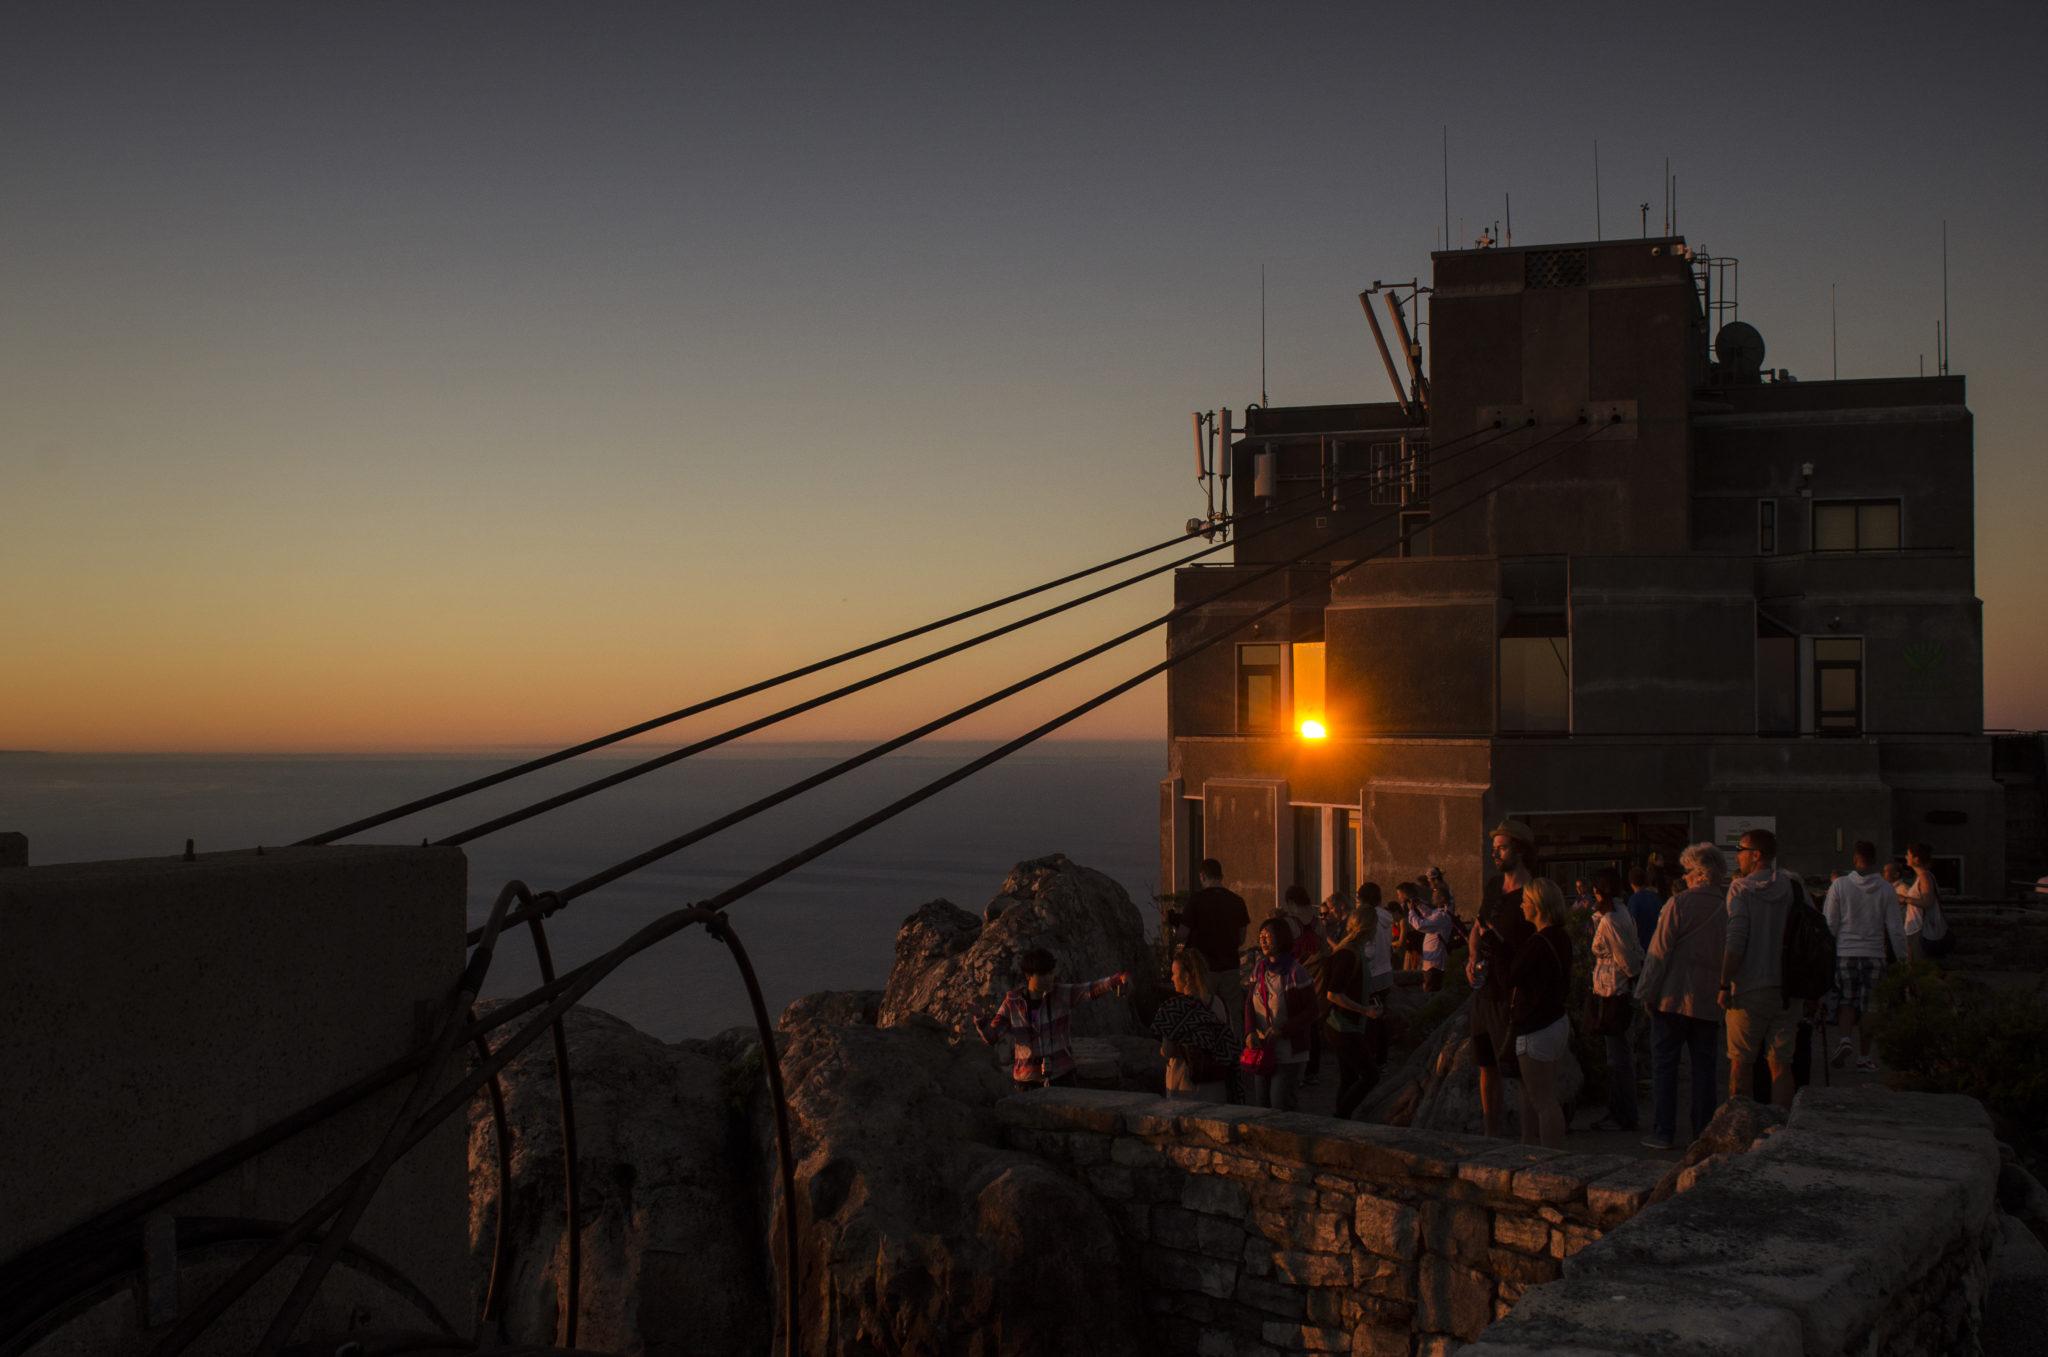 Südafrika Reisetipps: Zum Sonnenuntergang auf den Tafelberg in Kapstadt